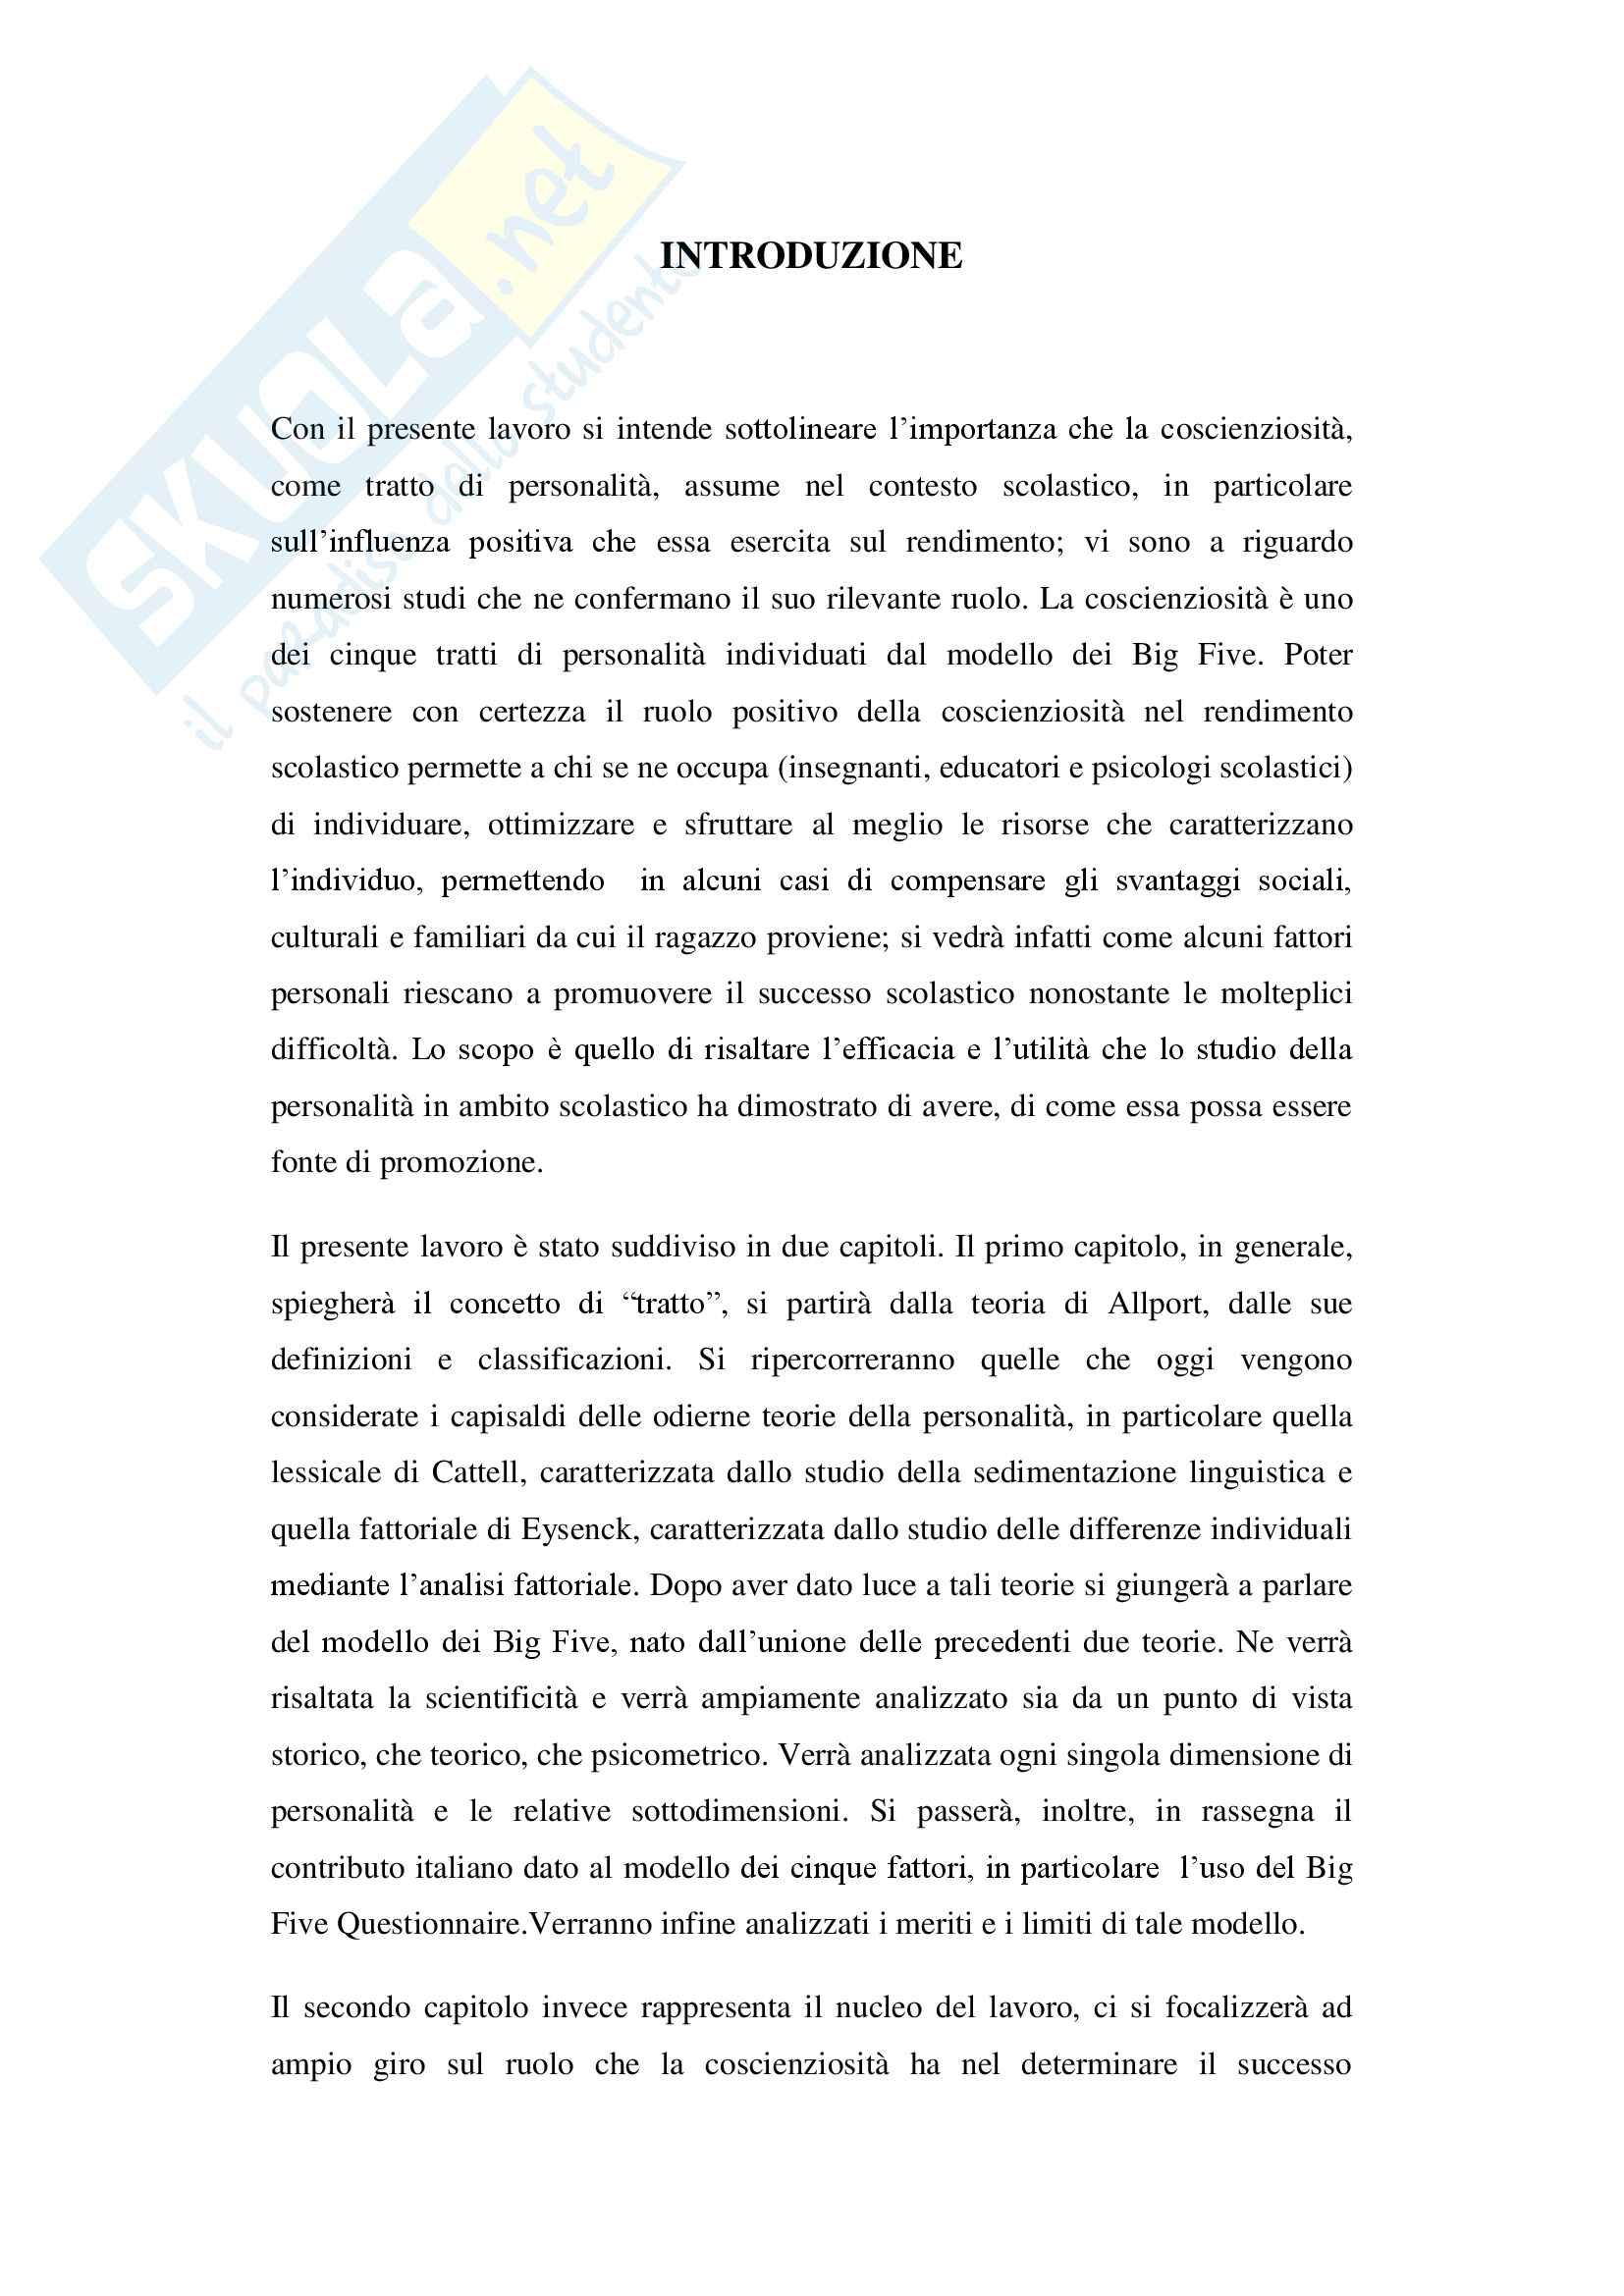 Tratti di personalità e successo scolastico: il ruolo della coscienziosità Pag. 2